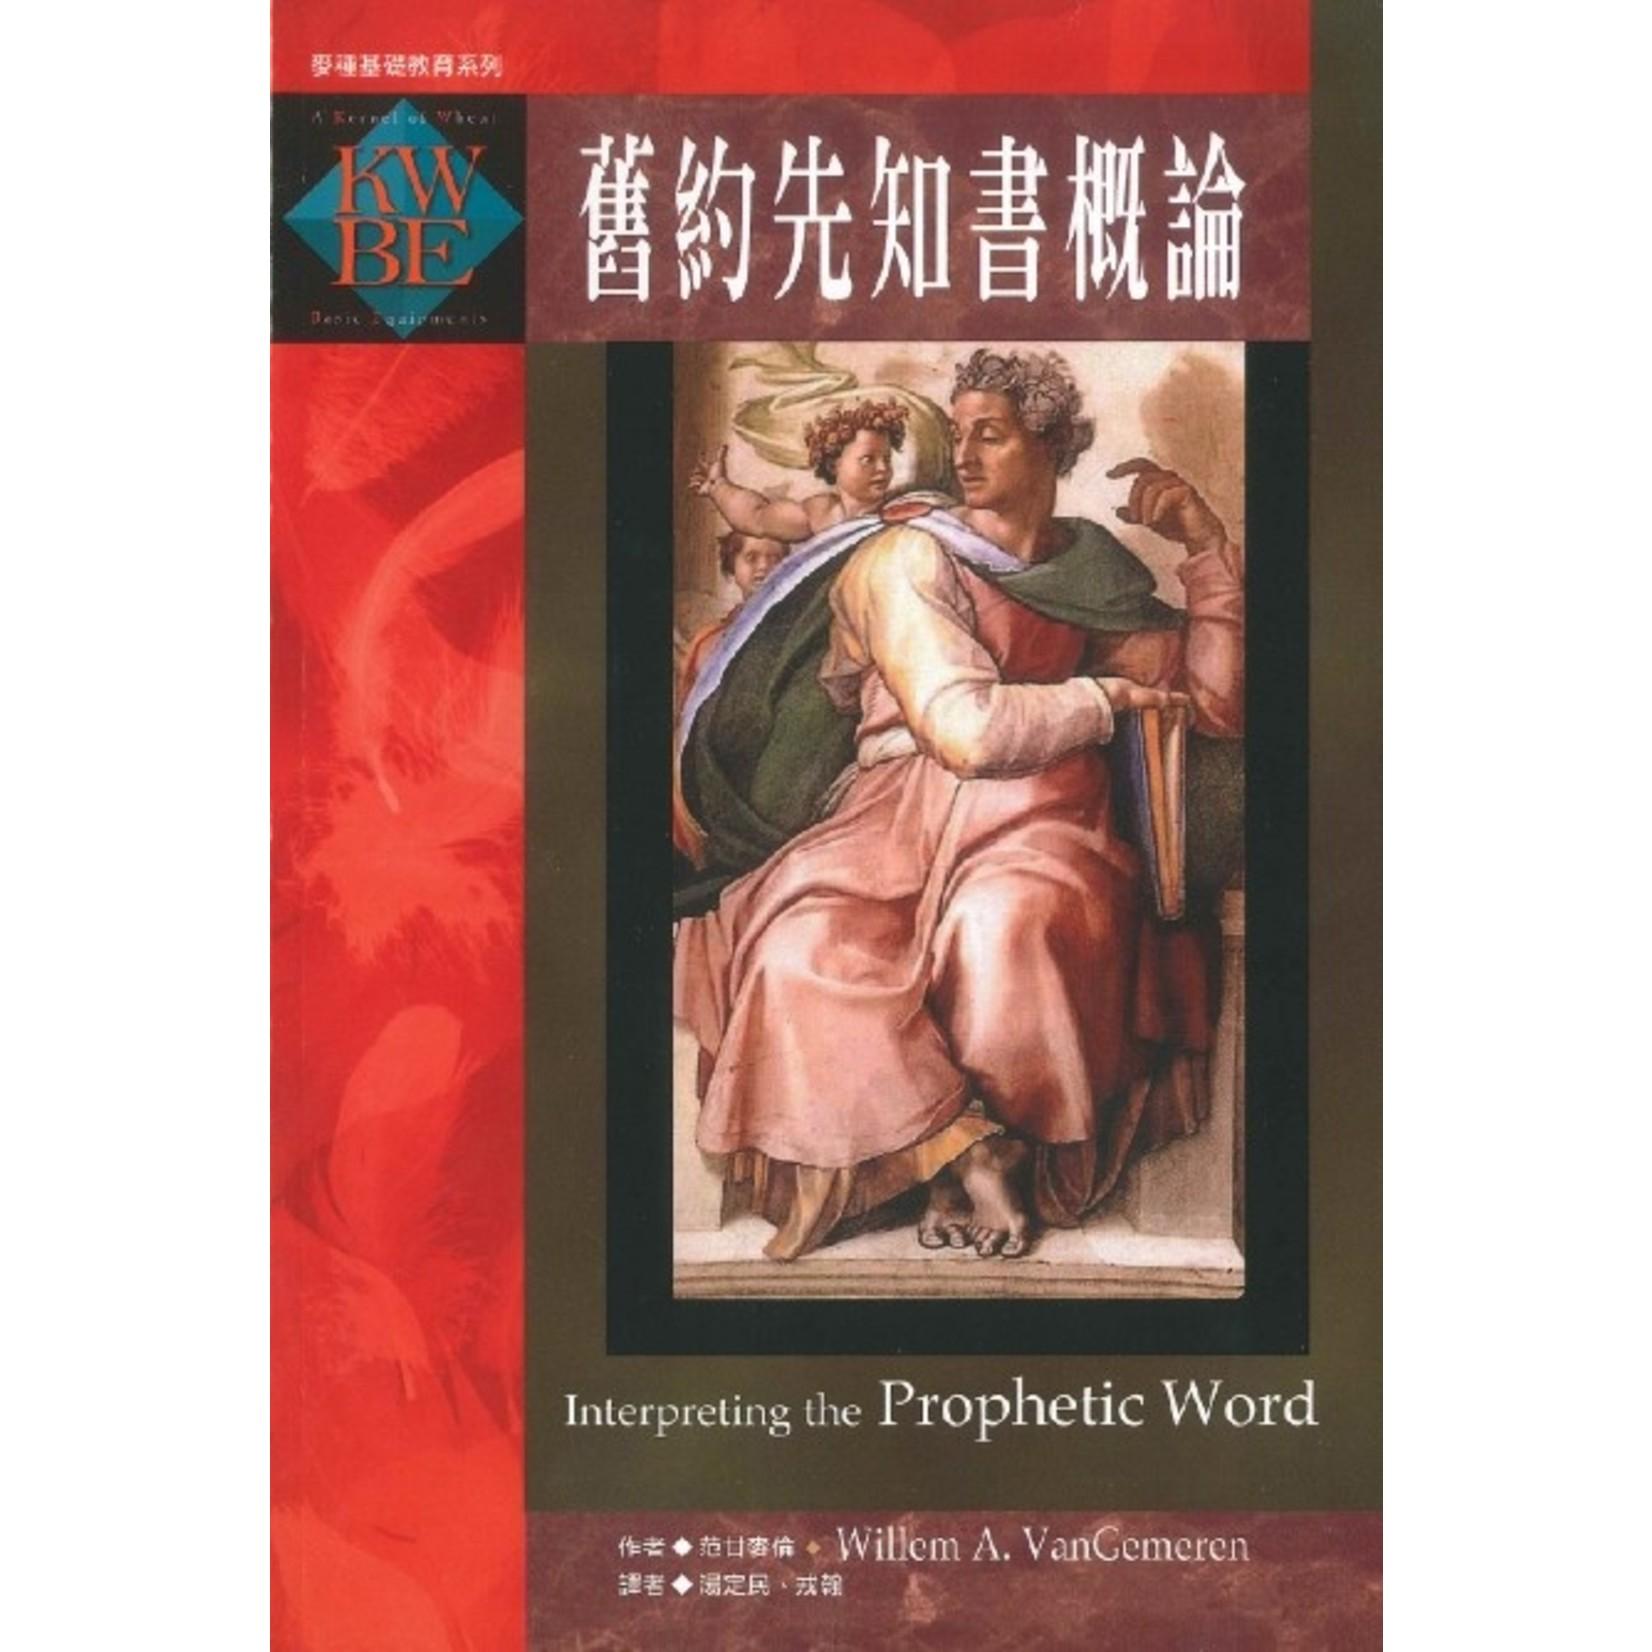 美國麥種傳道會 AKOWCM 舊約先知書概論 Interpreting the Prophetic Word